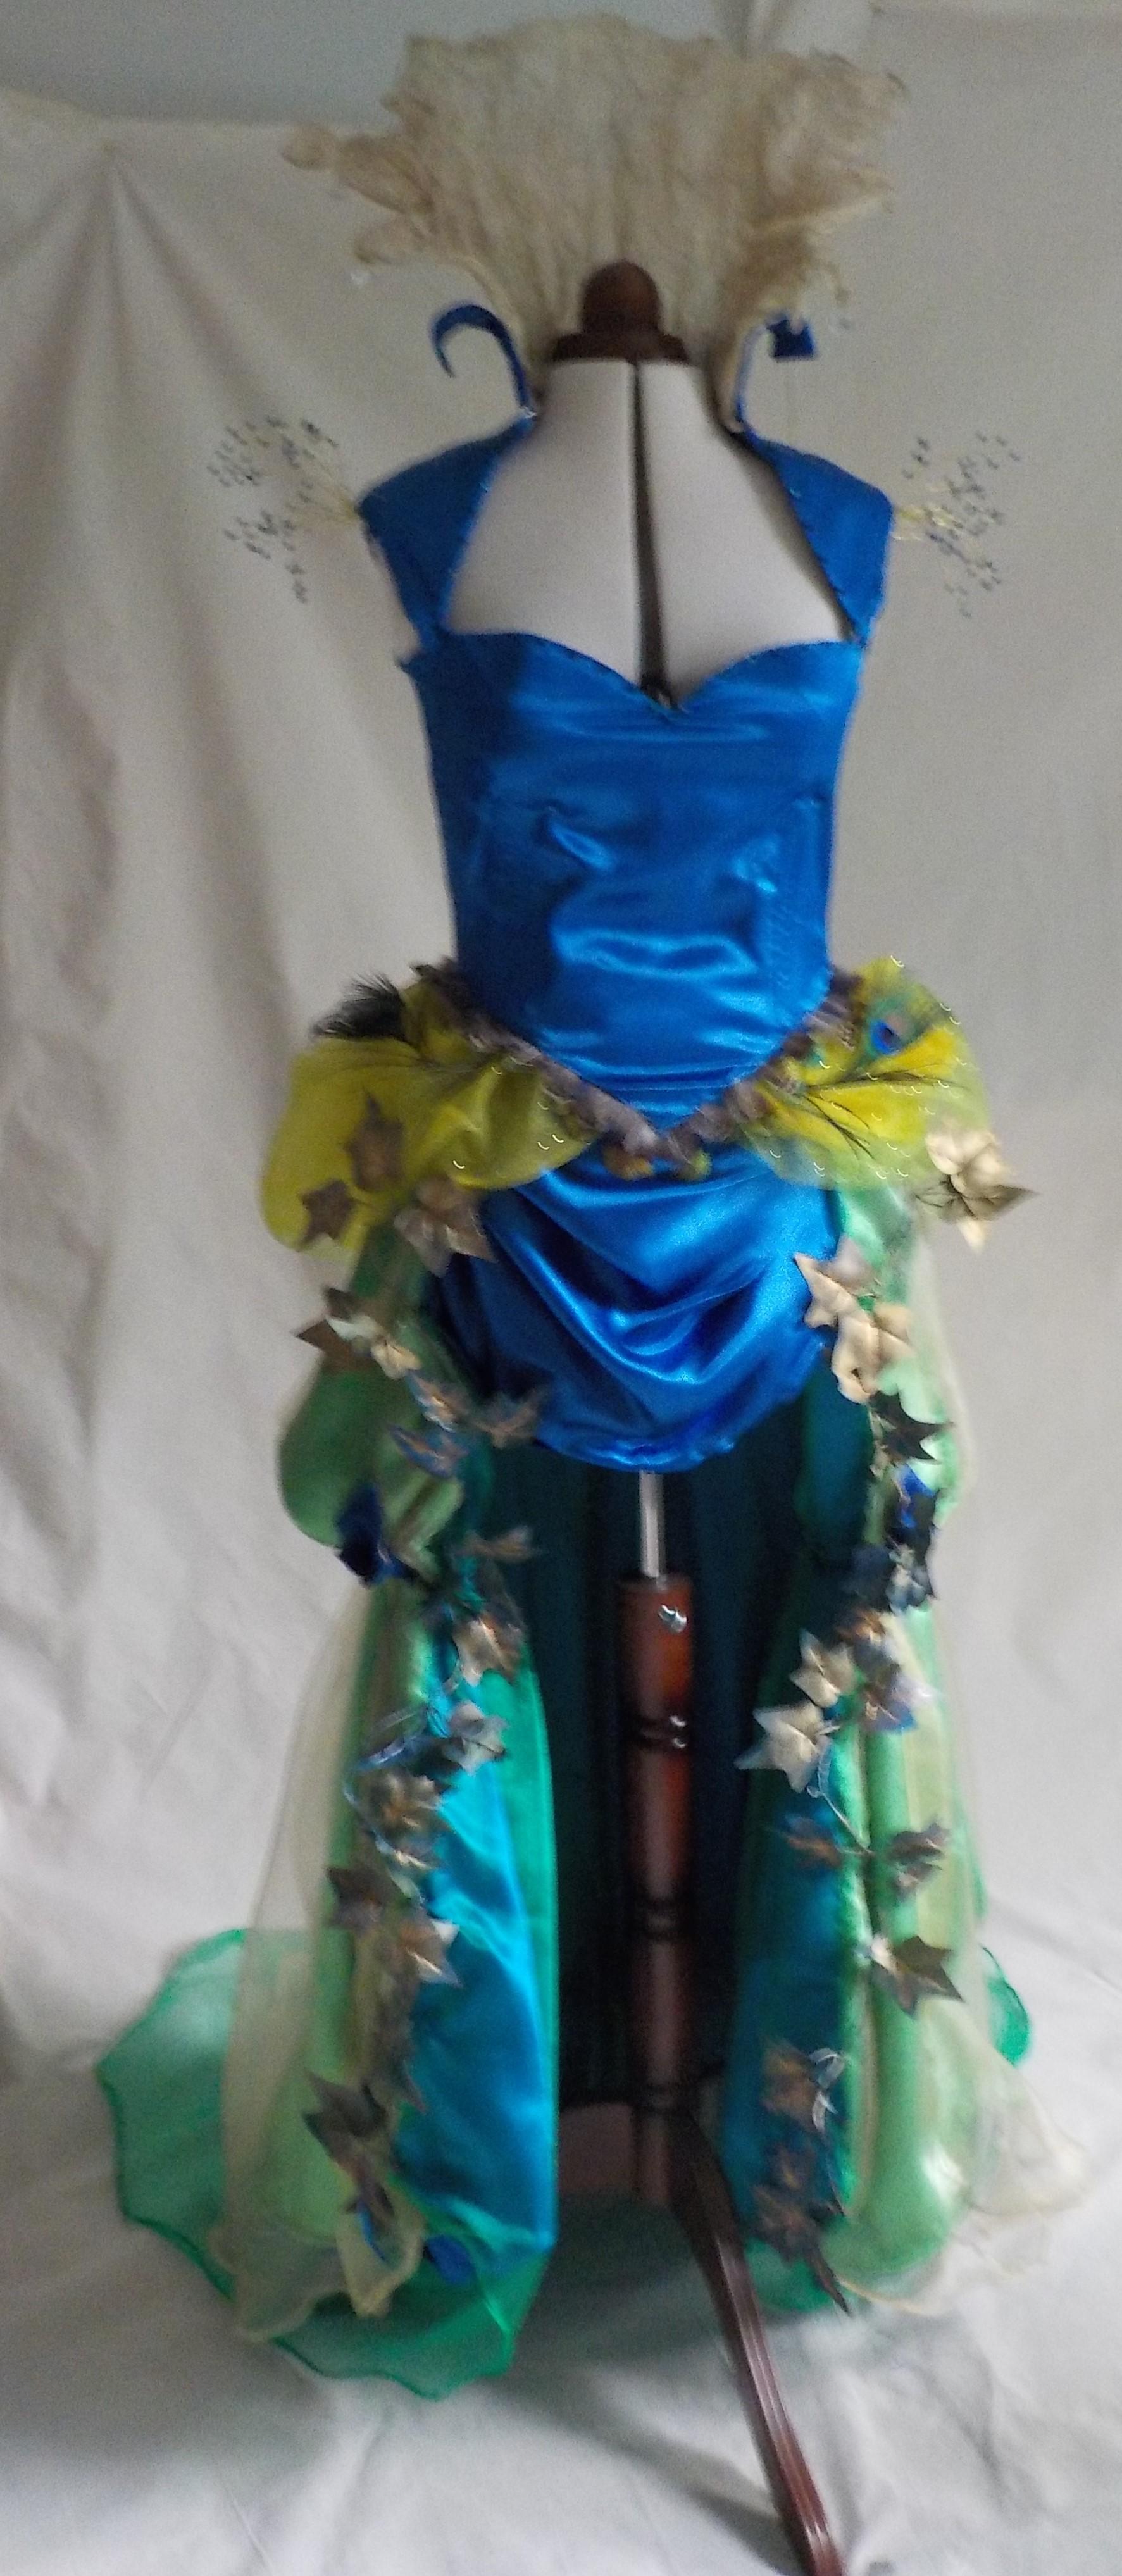 Costume Design Beatrice Espinosa Designer Maker